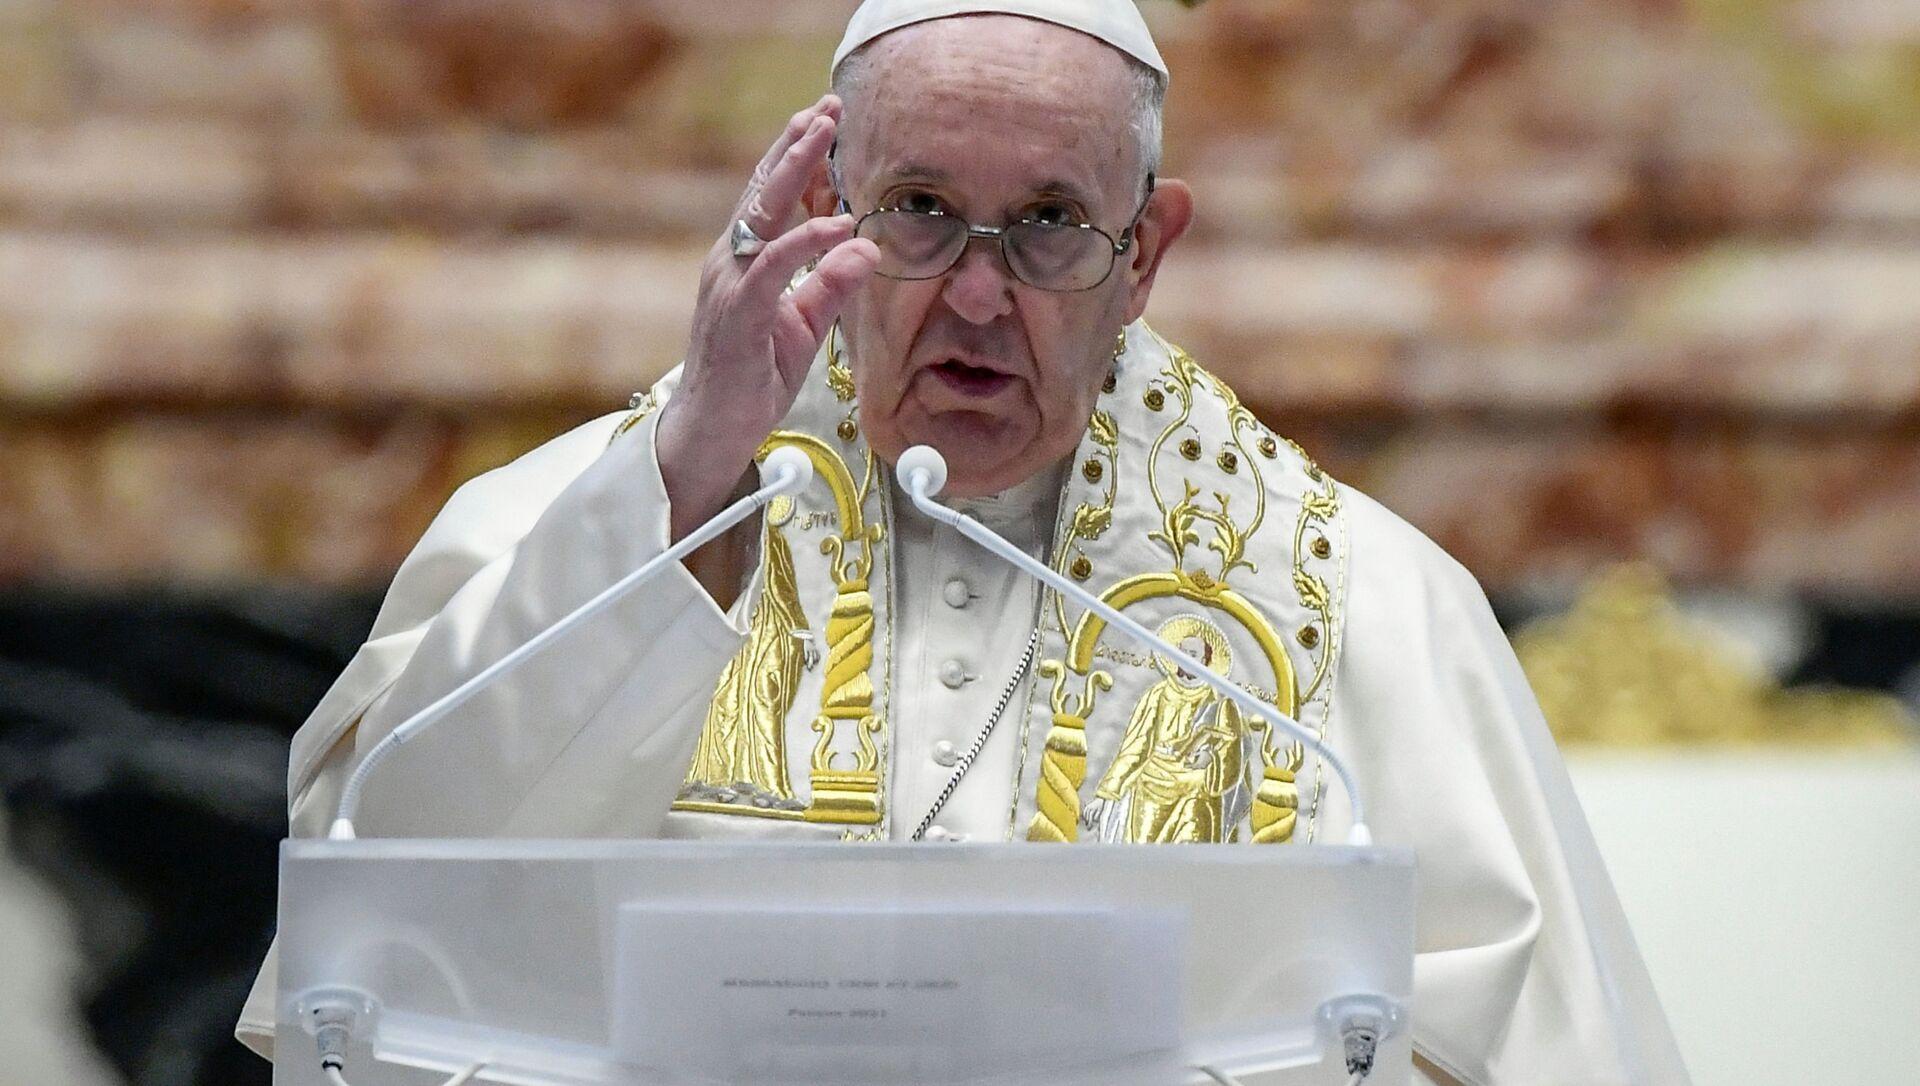 Đức Giáo hoàng Francis cử hành Thánh lễ Phục sinh tại Vatican. - Sputnik Việt Nam, 1920, 23.08.2021